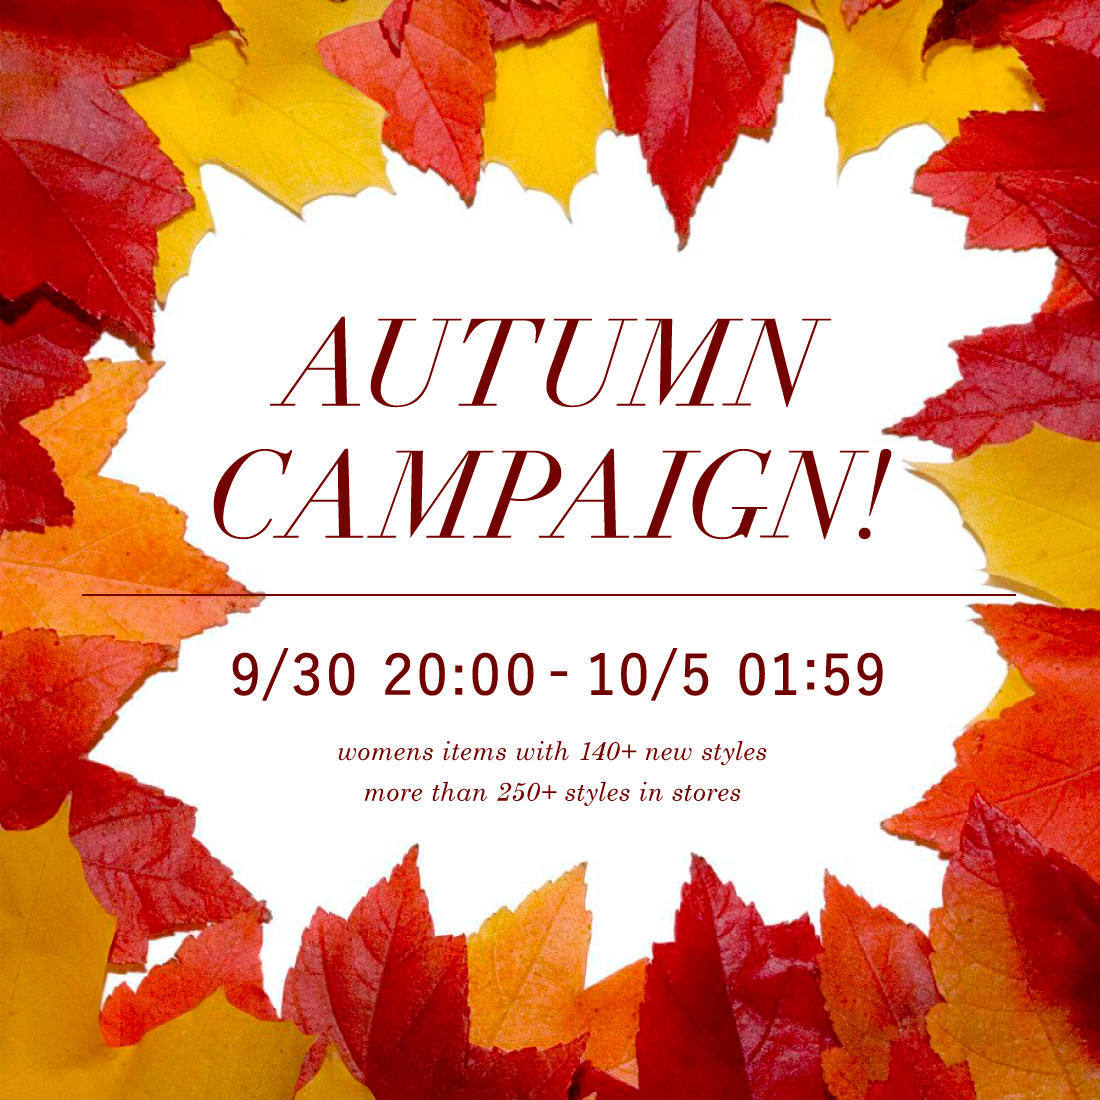 秋のスペシャル SALE キャンペーン